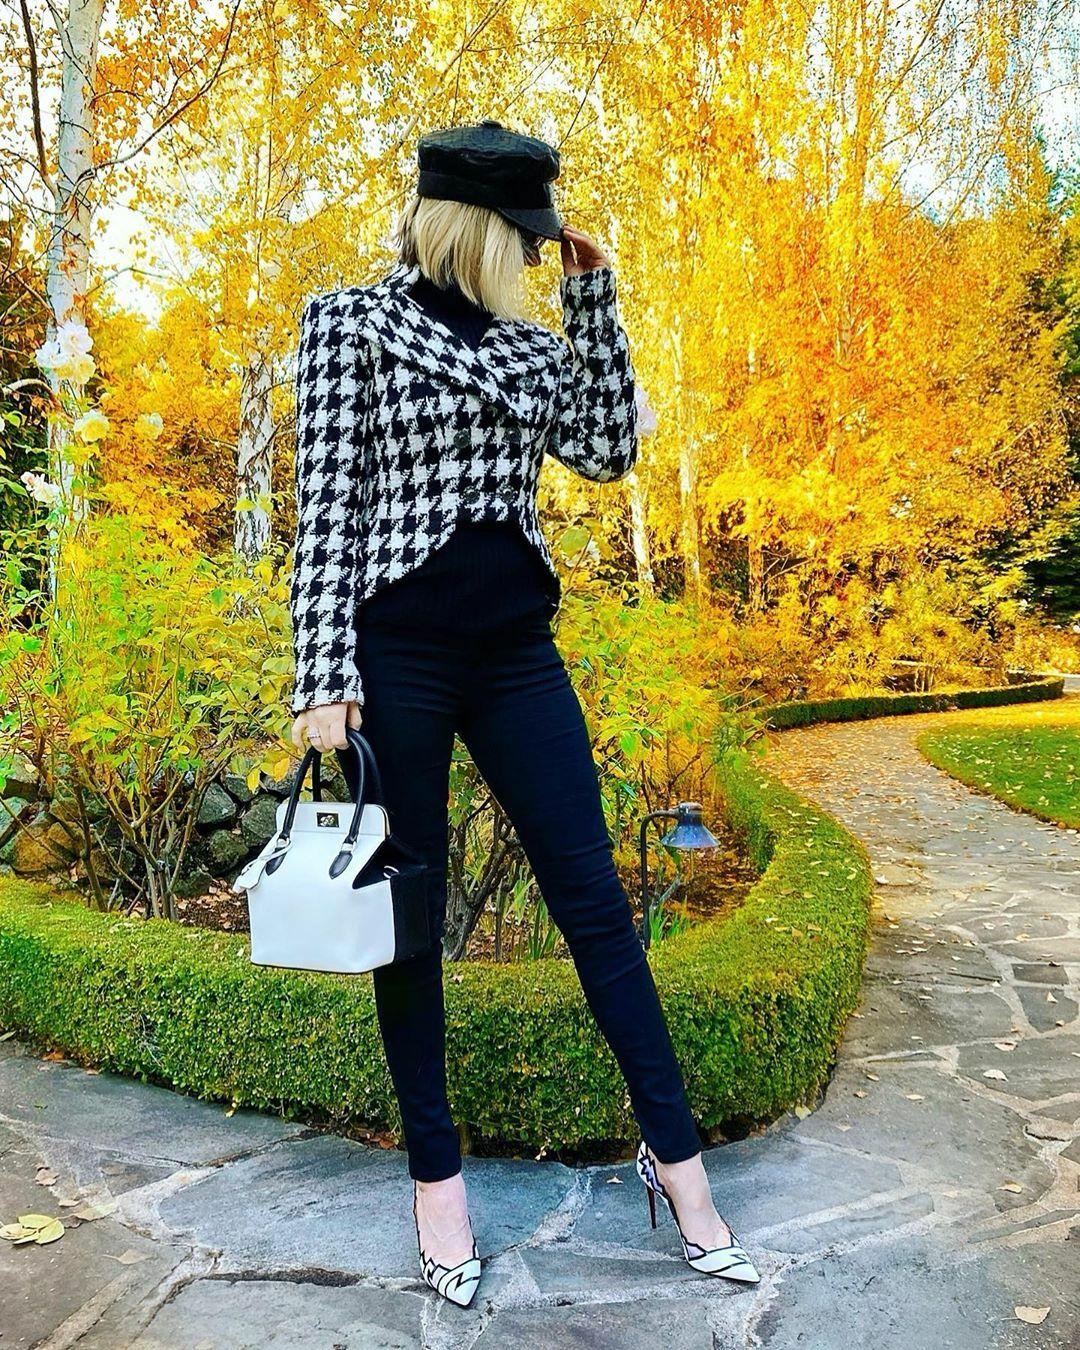 Màu đen và trắng yêu thích của tôi cho mùa đông ... mặc áo khoác @chanelofficial mũ @dior jeans @ragandbone bag @hermes giày @louboutinworld.